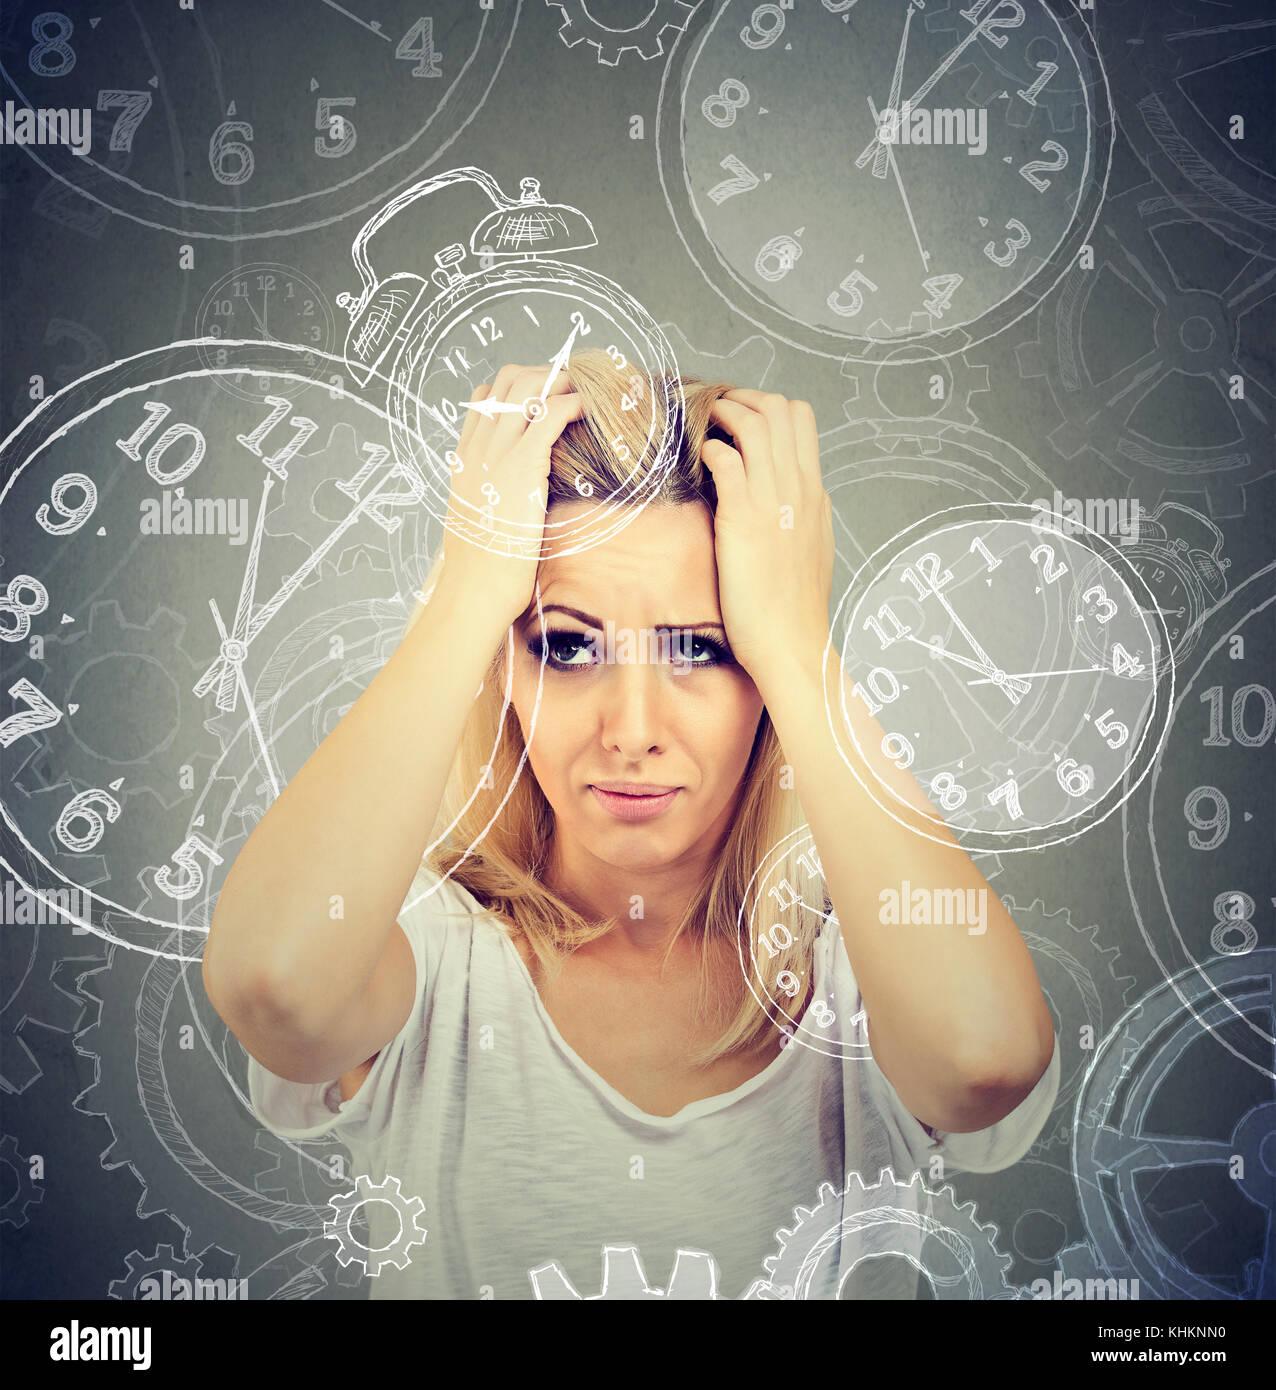 Donna sovraccaricato da troppi appuntamenti e la mancanza di tempo Immagini Stock